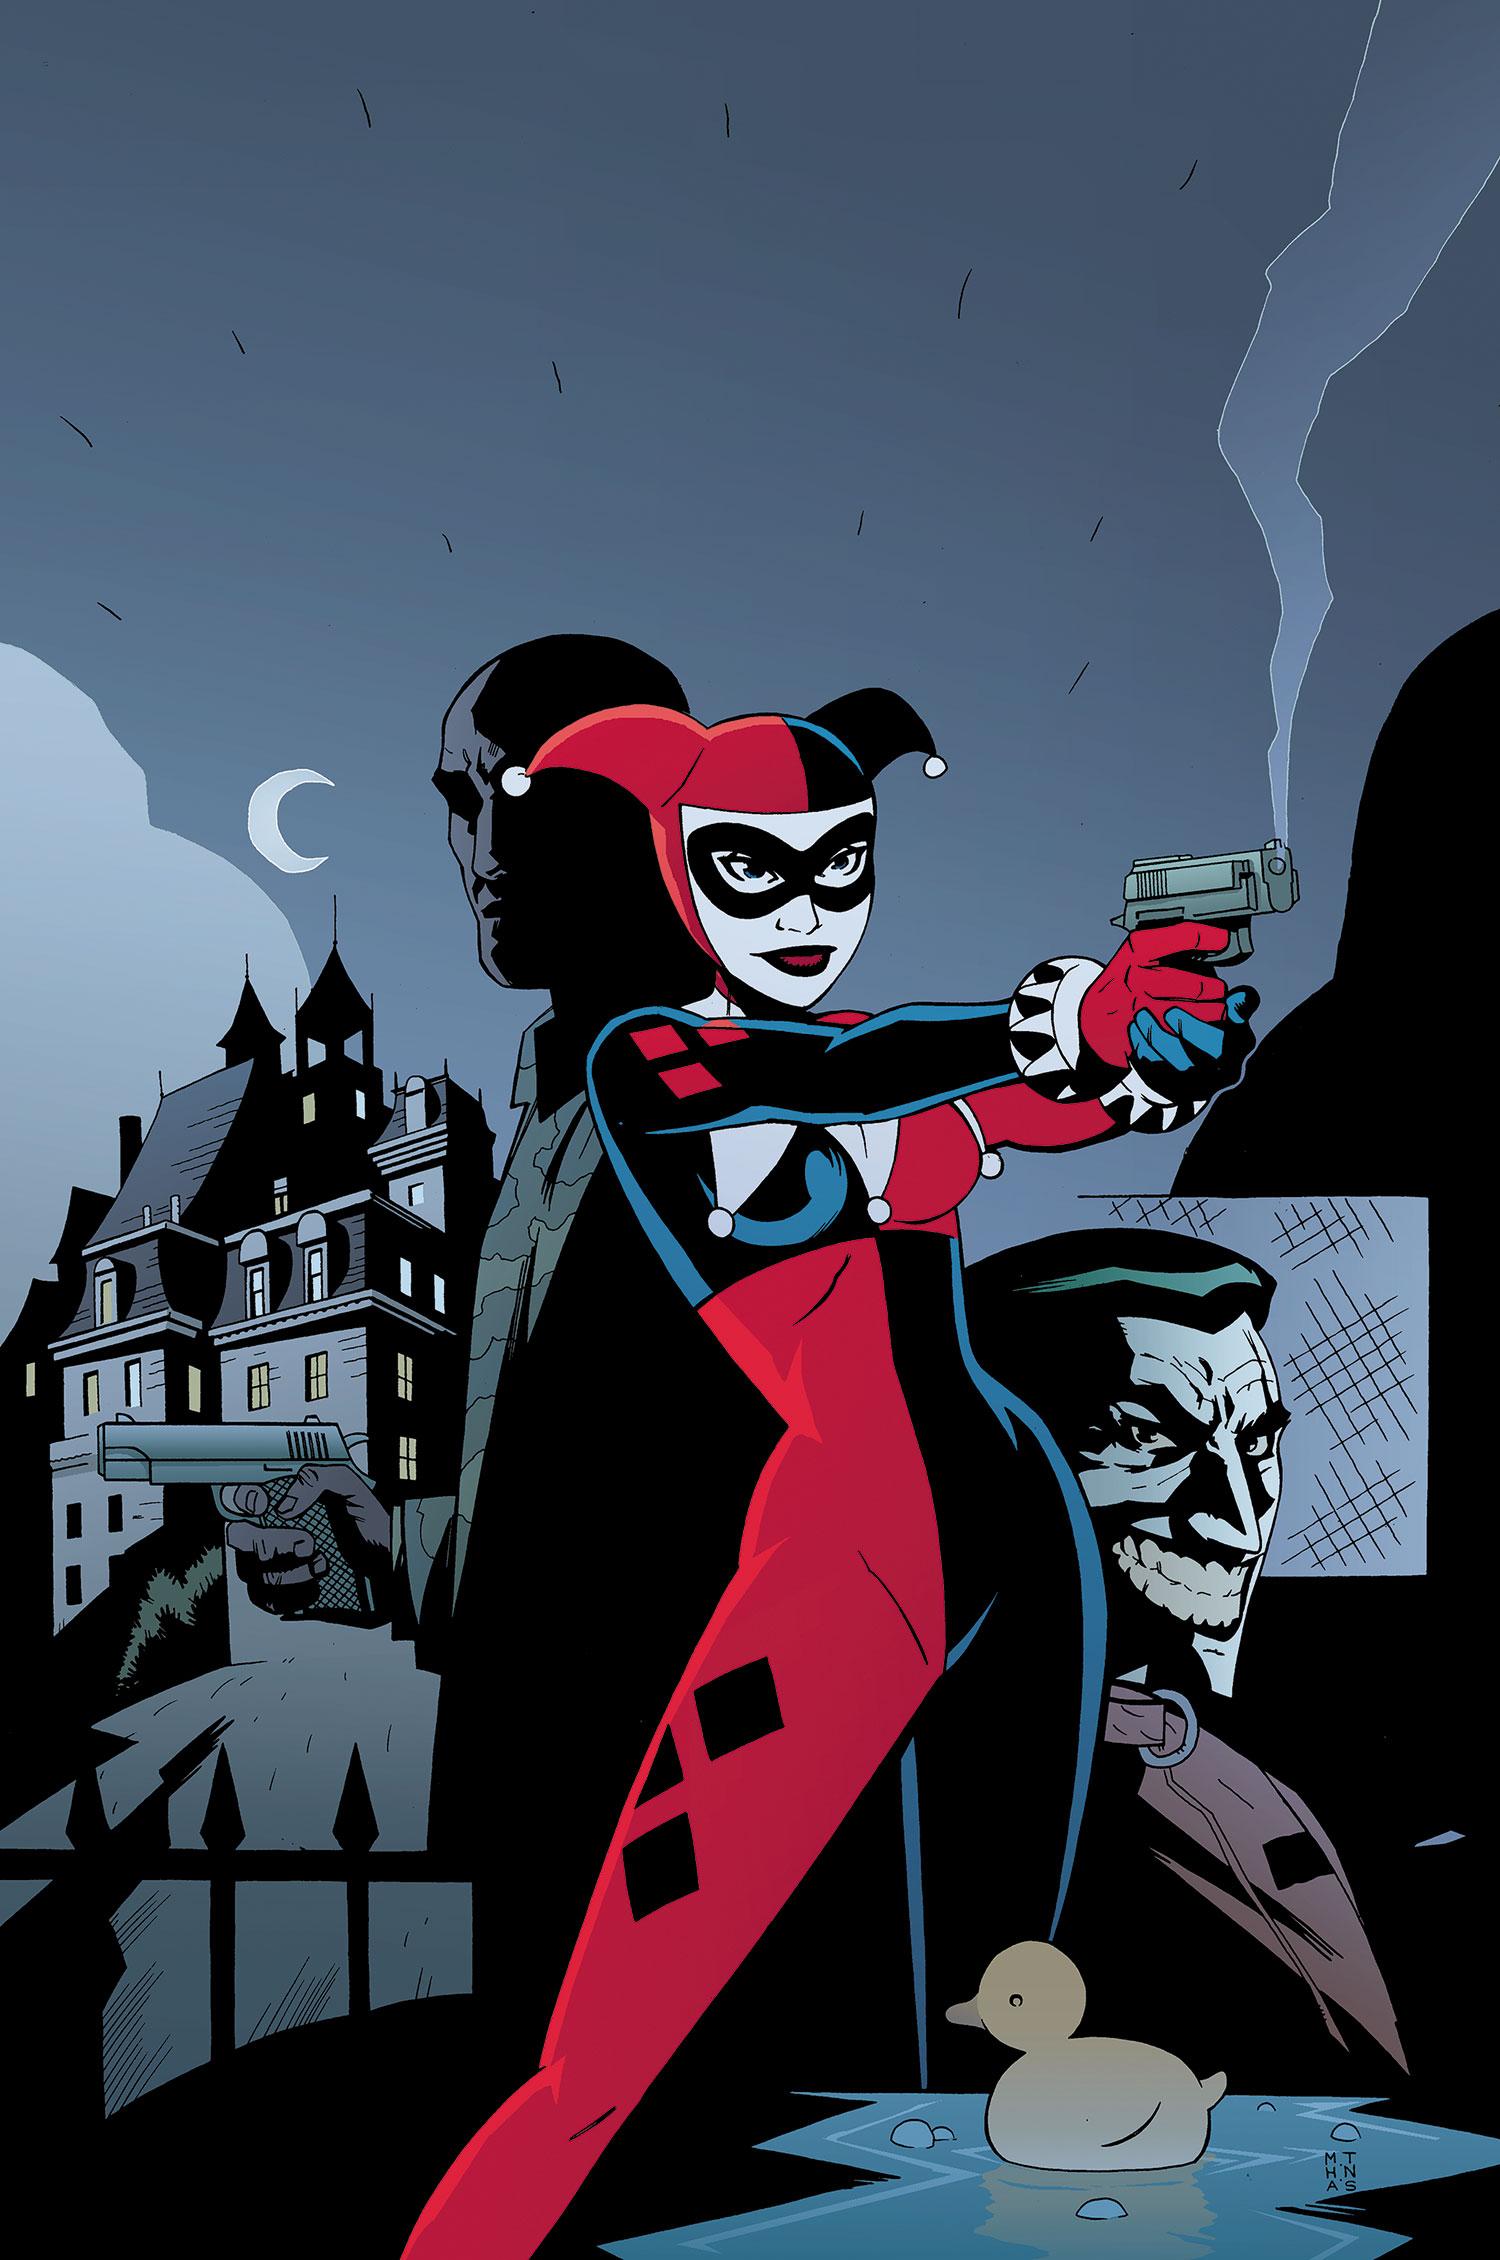 Арты джокер и бэтмен